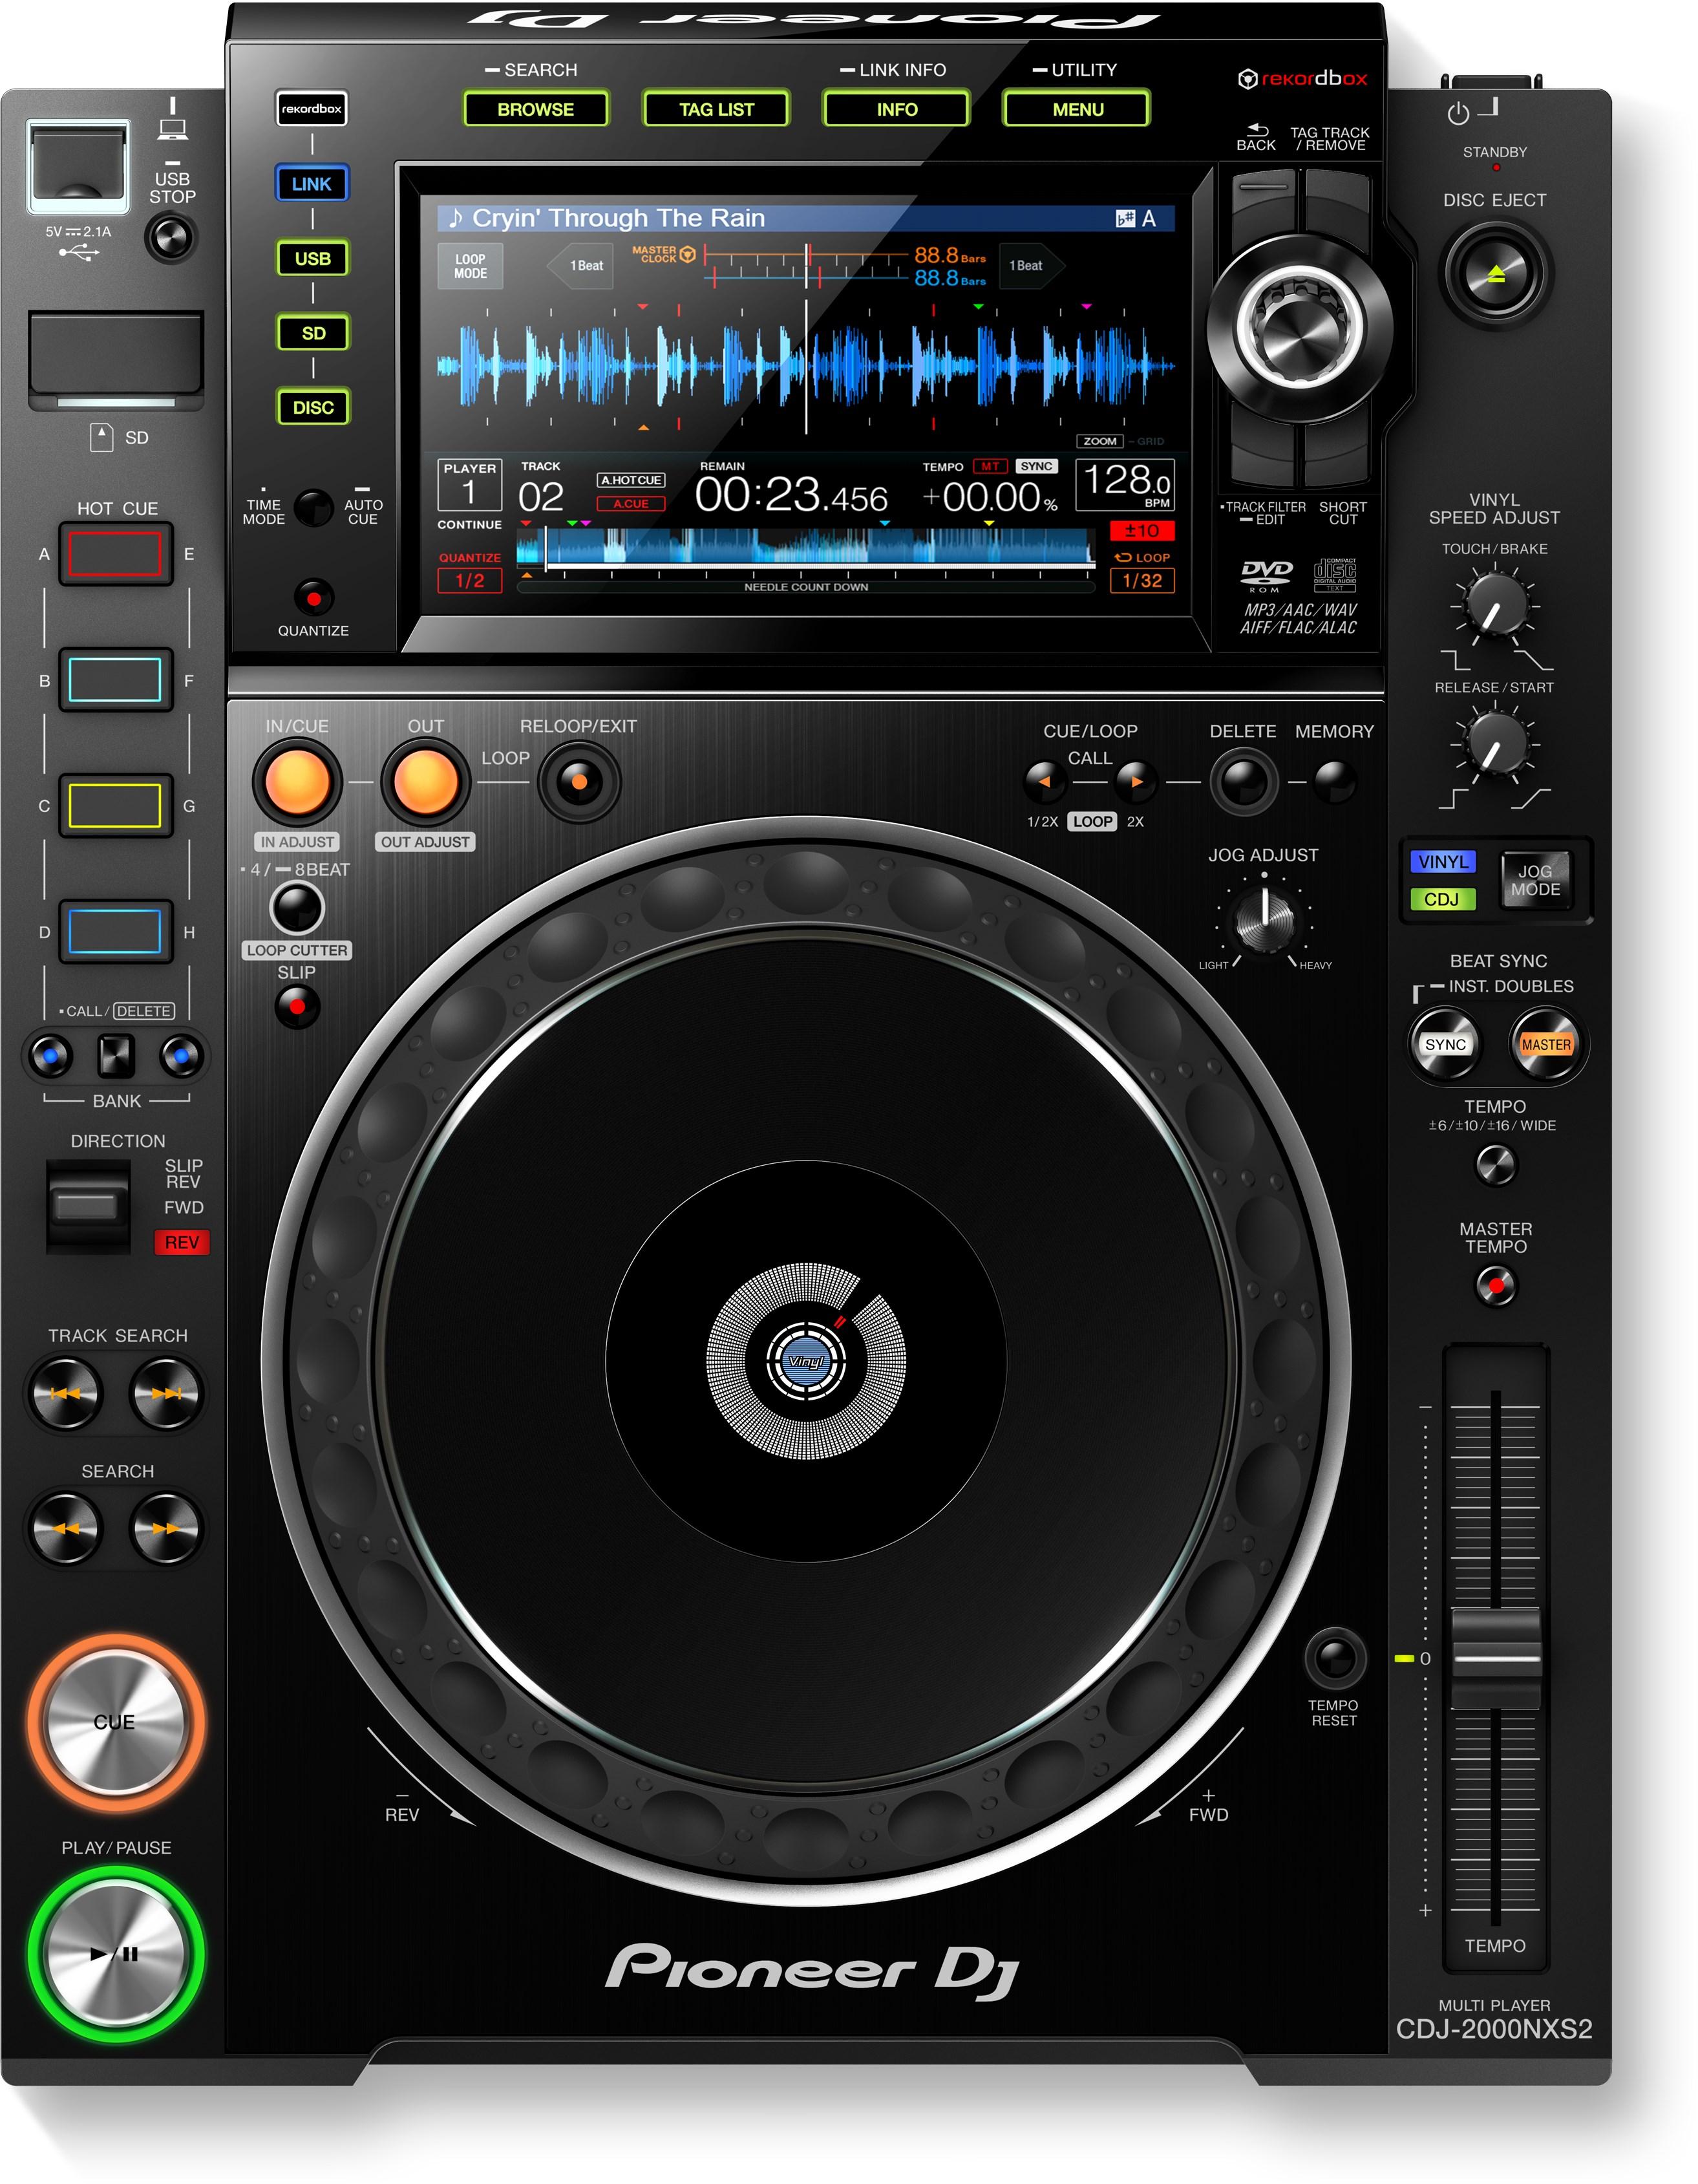 CDJ-2000NXS2